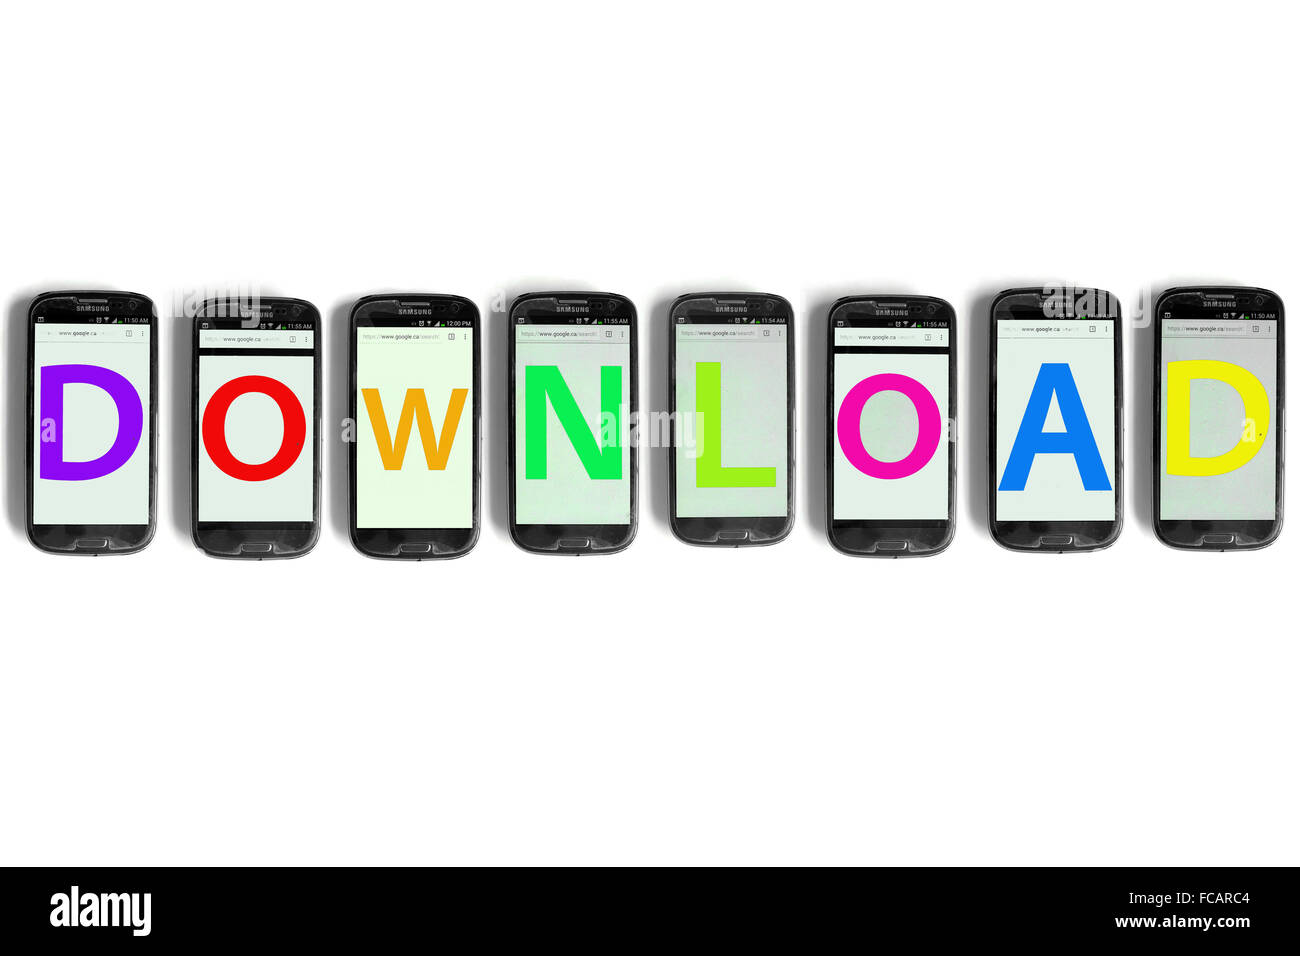 Télécharger écrit sur les écrans de smartphones photographié sur un fond blanc. Photo Stock